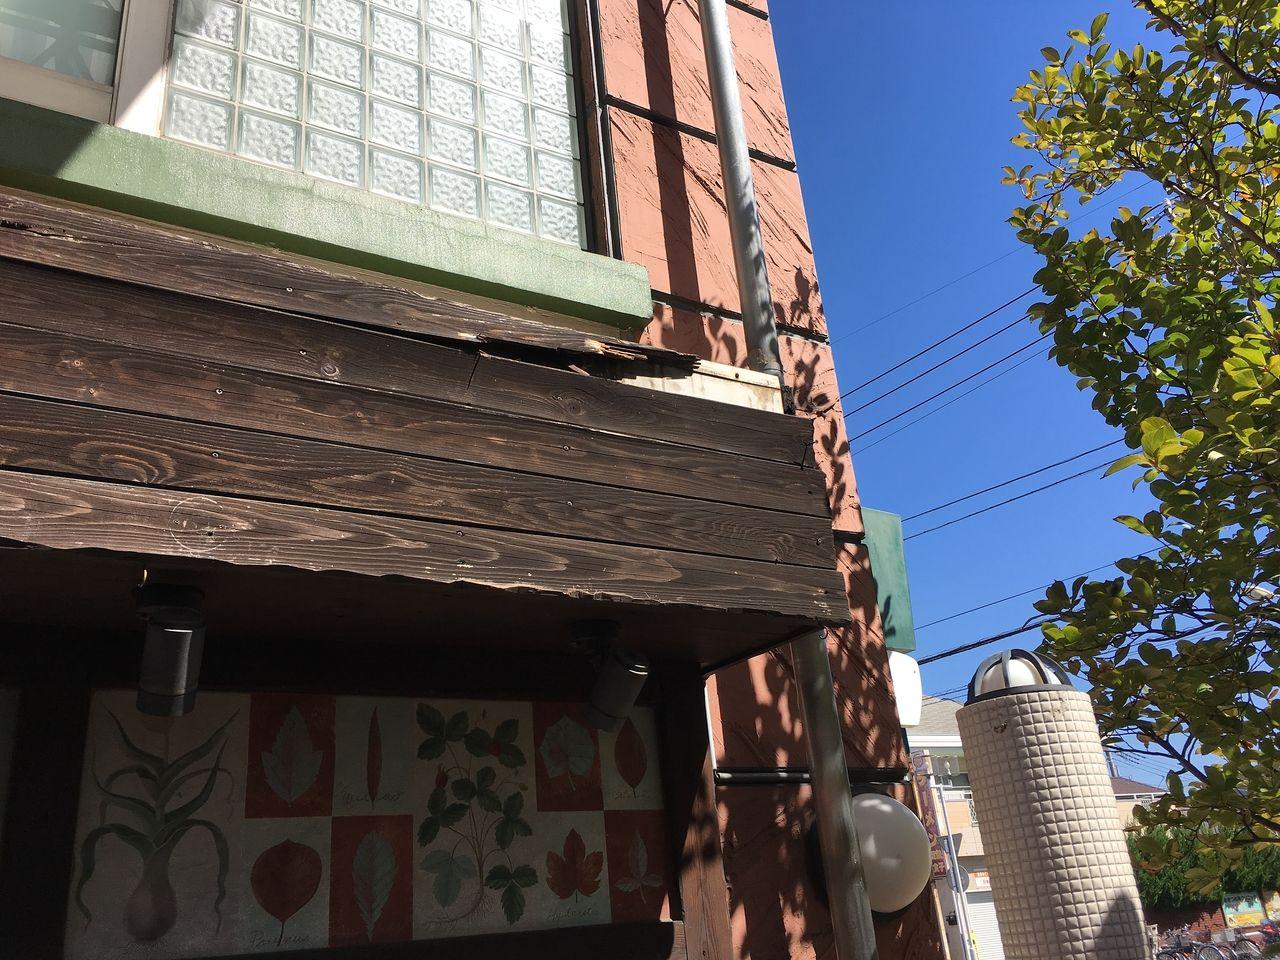 劣化と台風の影響で剥がれてしまったア・ス・ヴェルデ管理事務所前にある壁画の木枠です!